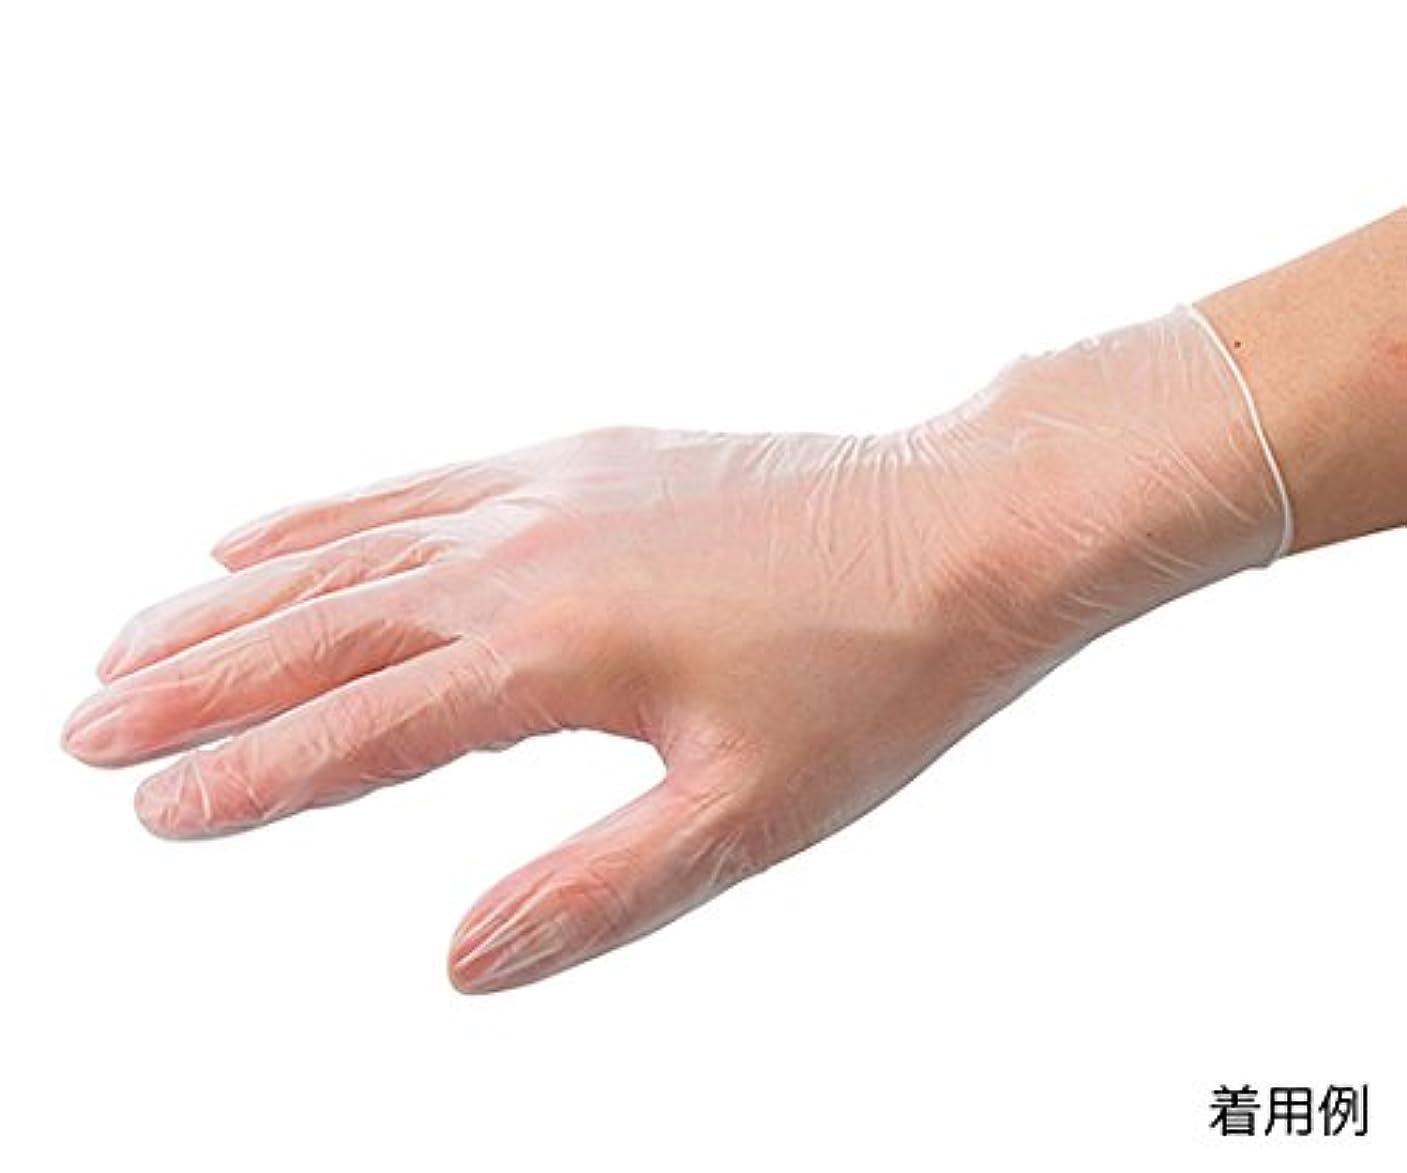 誤解させるうぬぼれたバイソンARメディコム・インク・アジアリミテッド7-3727-02バイタルプラスチック手袋(パウダー付き)M150枚入